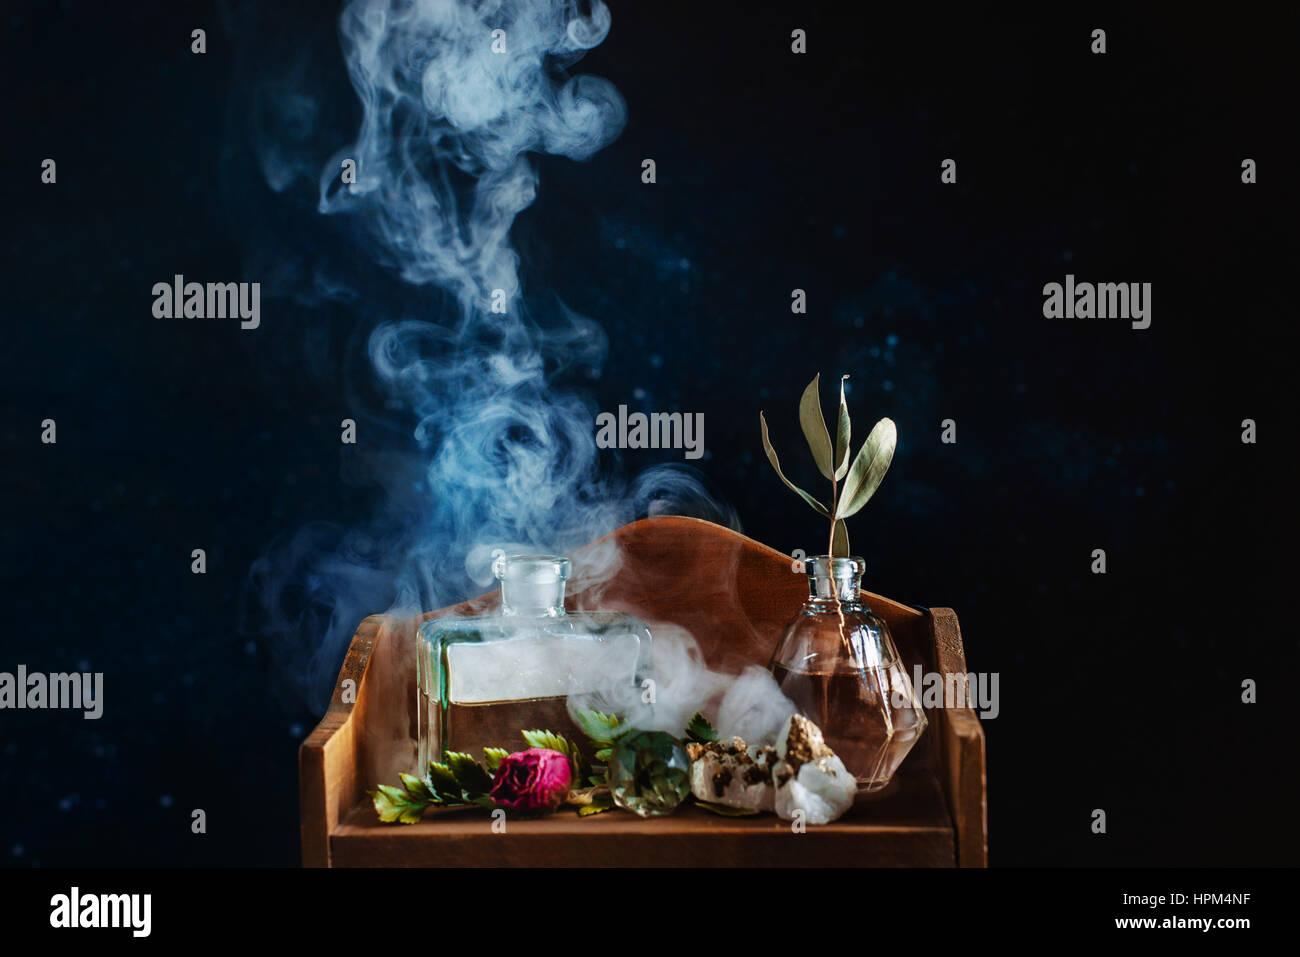 Ripiano in legno con le bottiglie di vetro, pietre, foglie e con l'aumento del fumo su sfondo scuro Immagini Stock